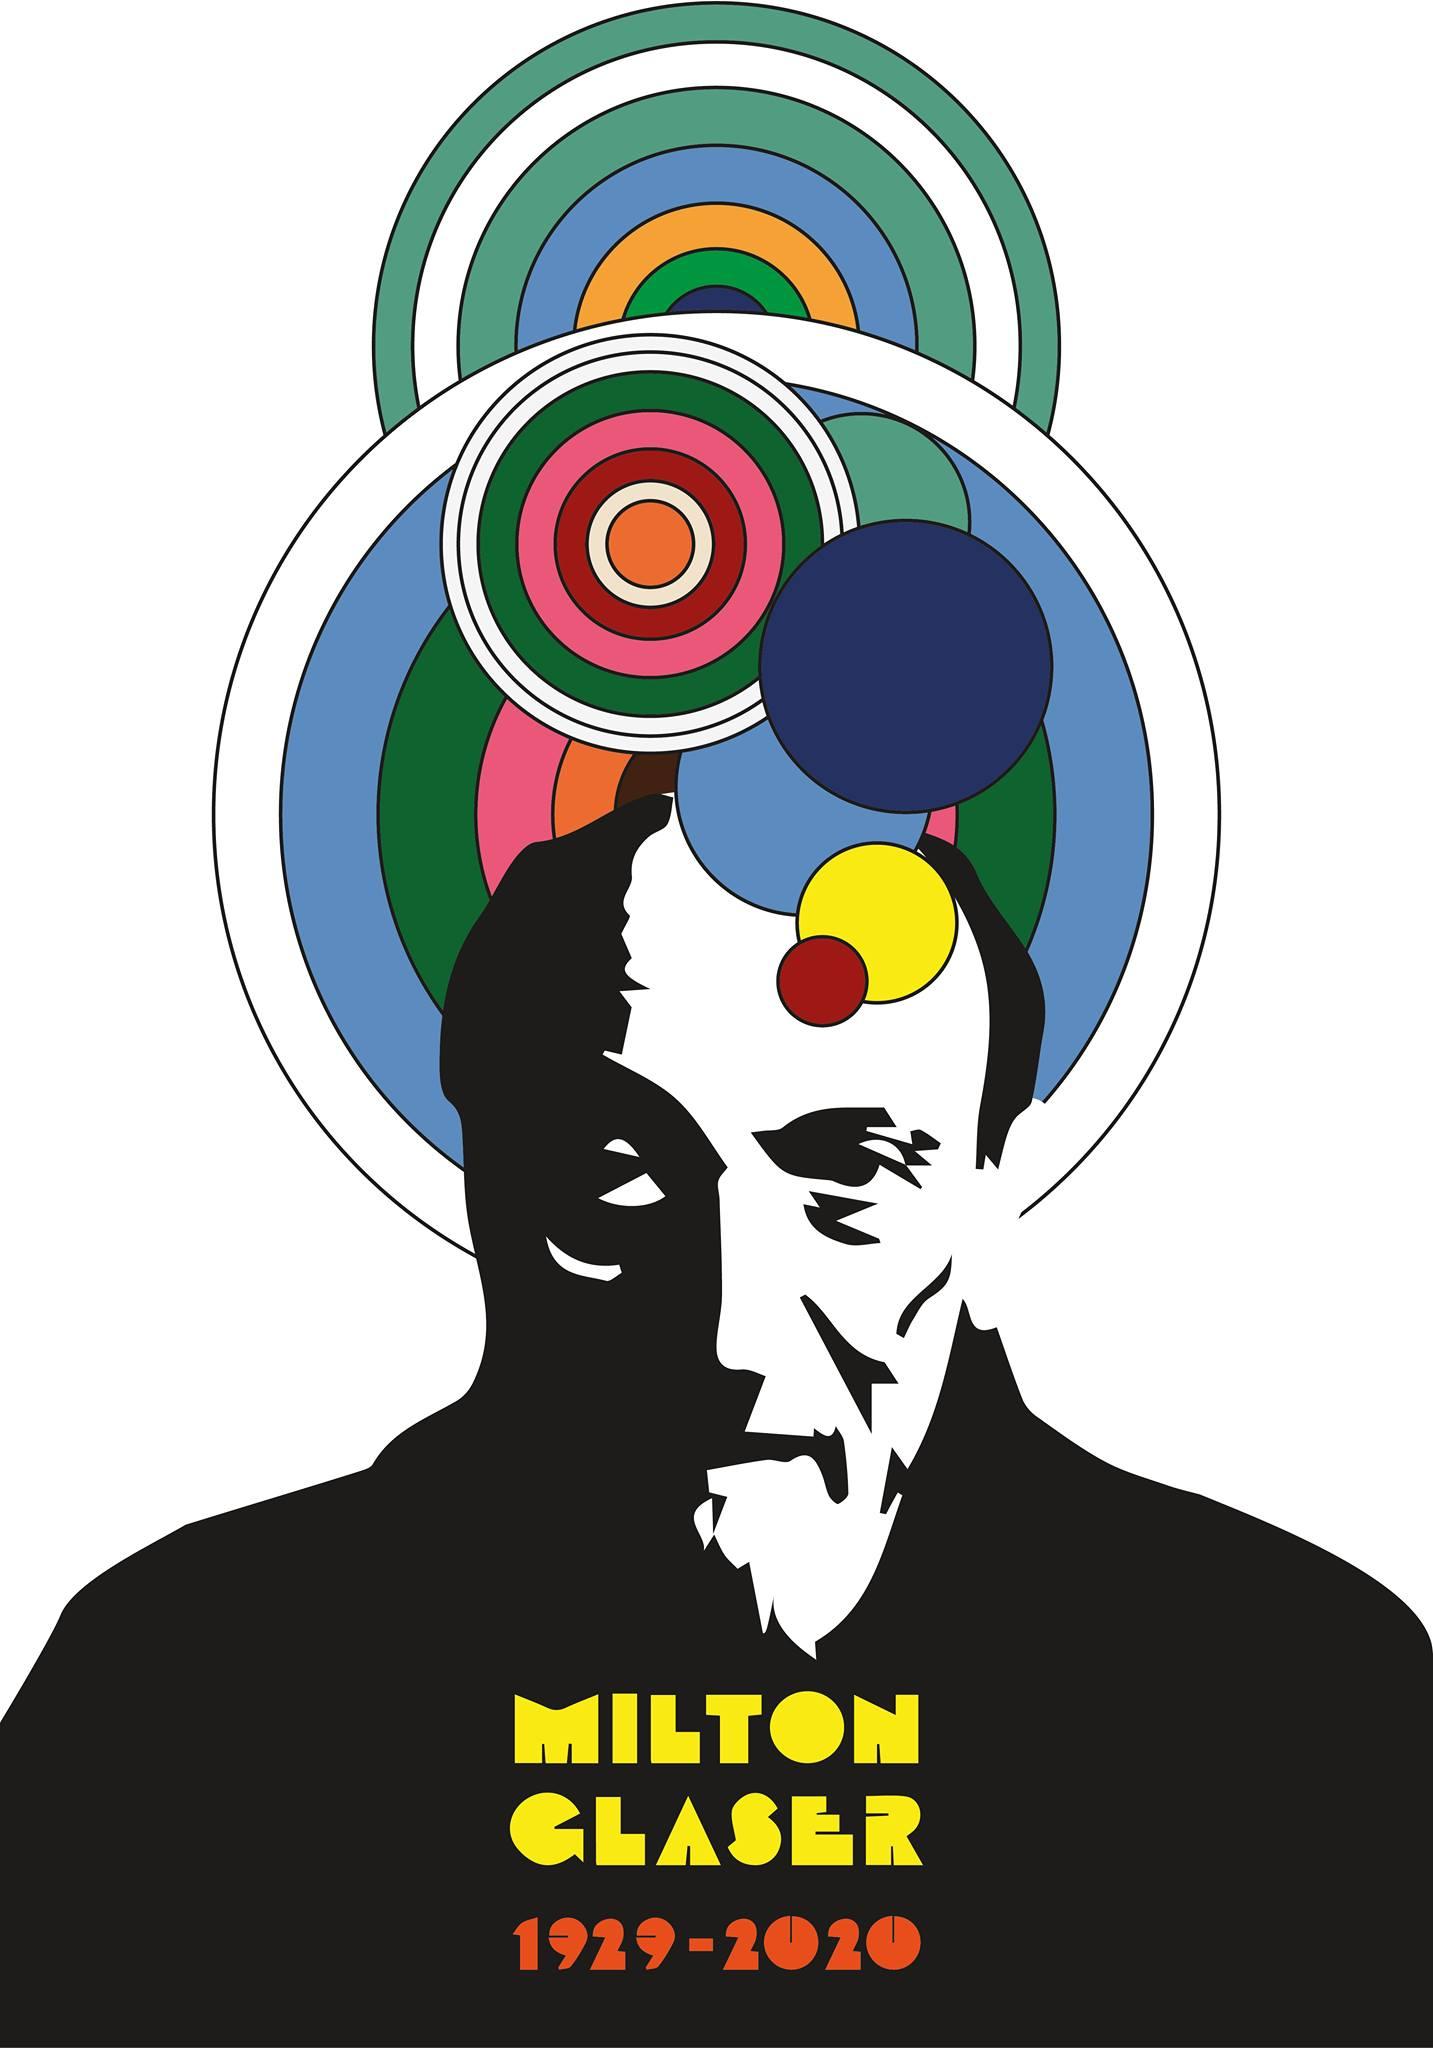 Alejandro Rivera Plata - Дизайнеры всего мира вспоминают Милтона Гейзера